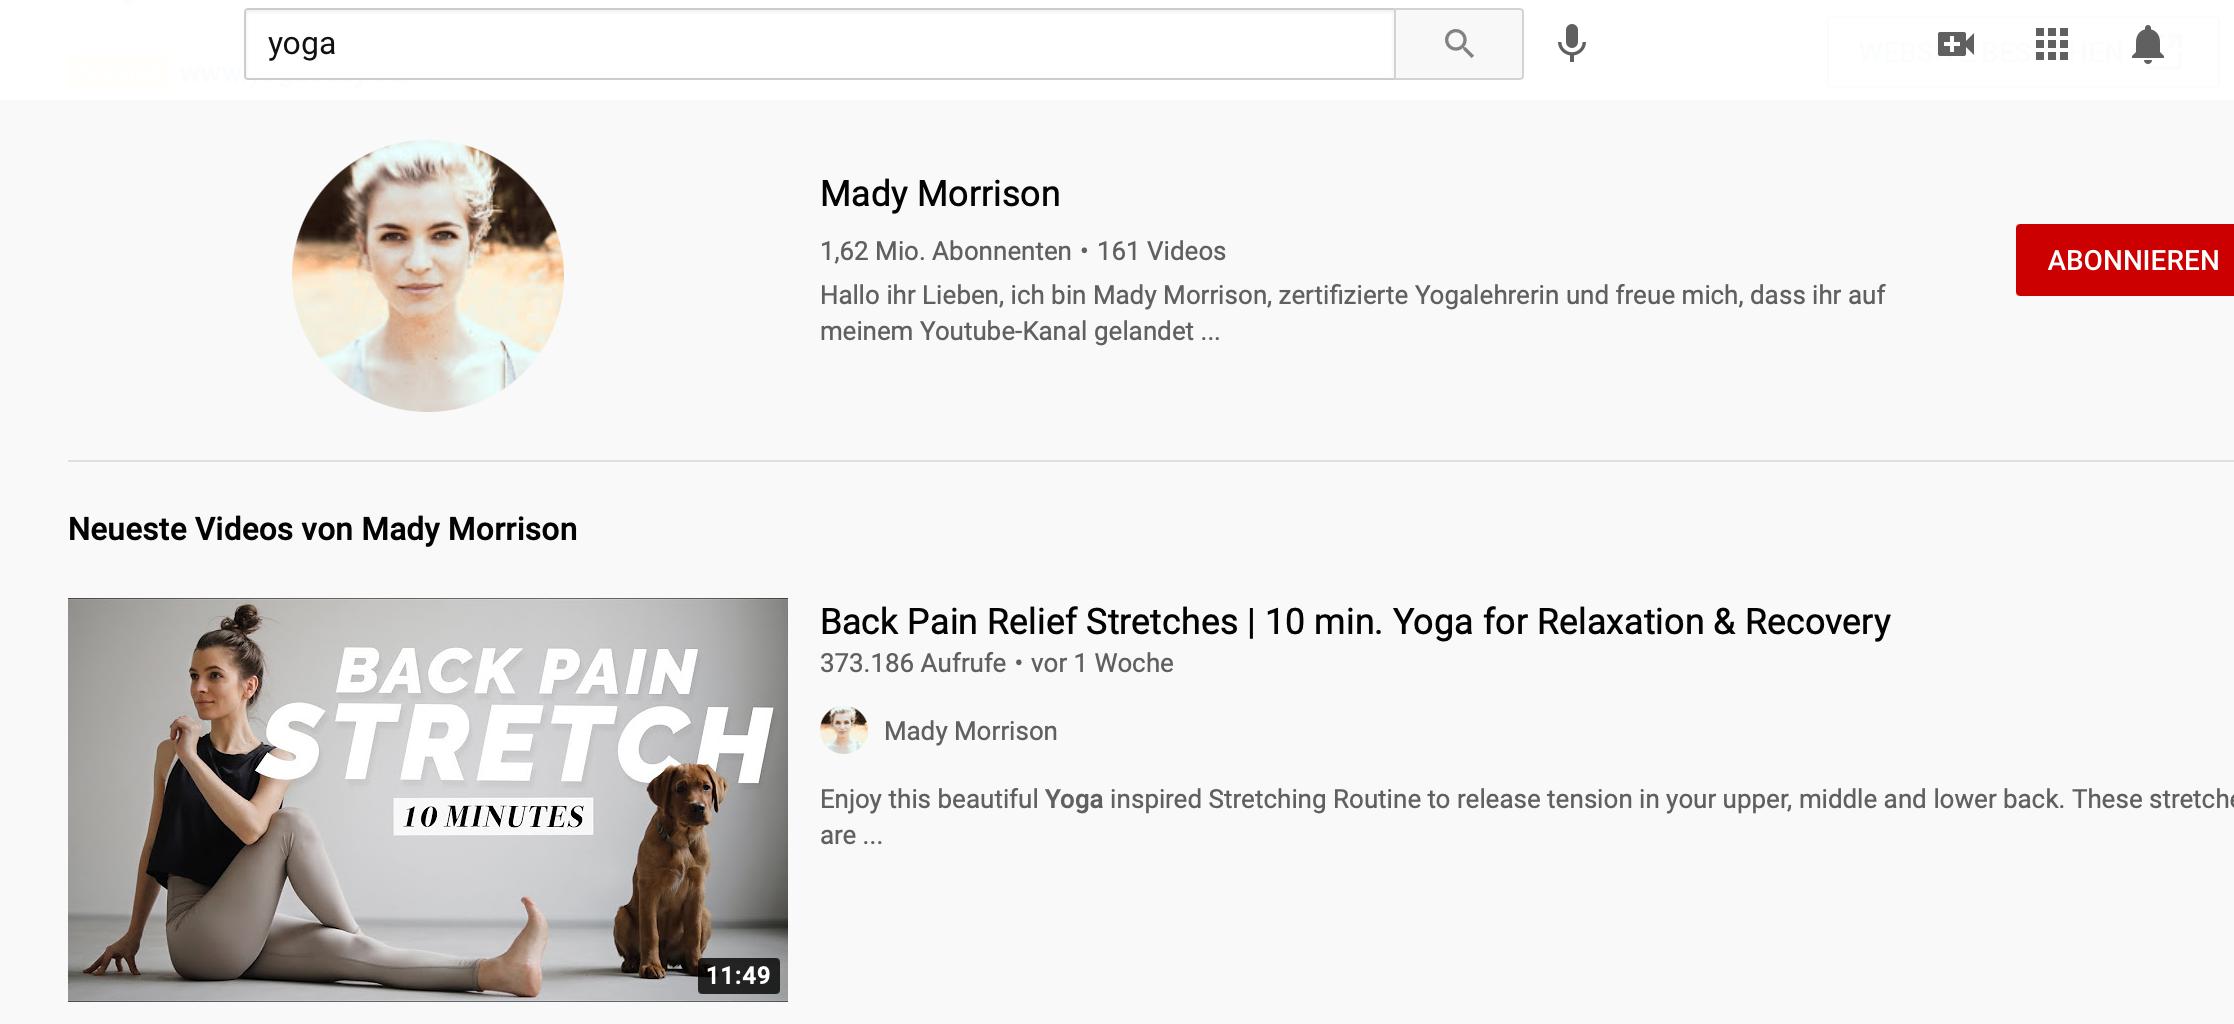 YouTube Suchergebnisse für Yoga